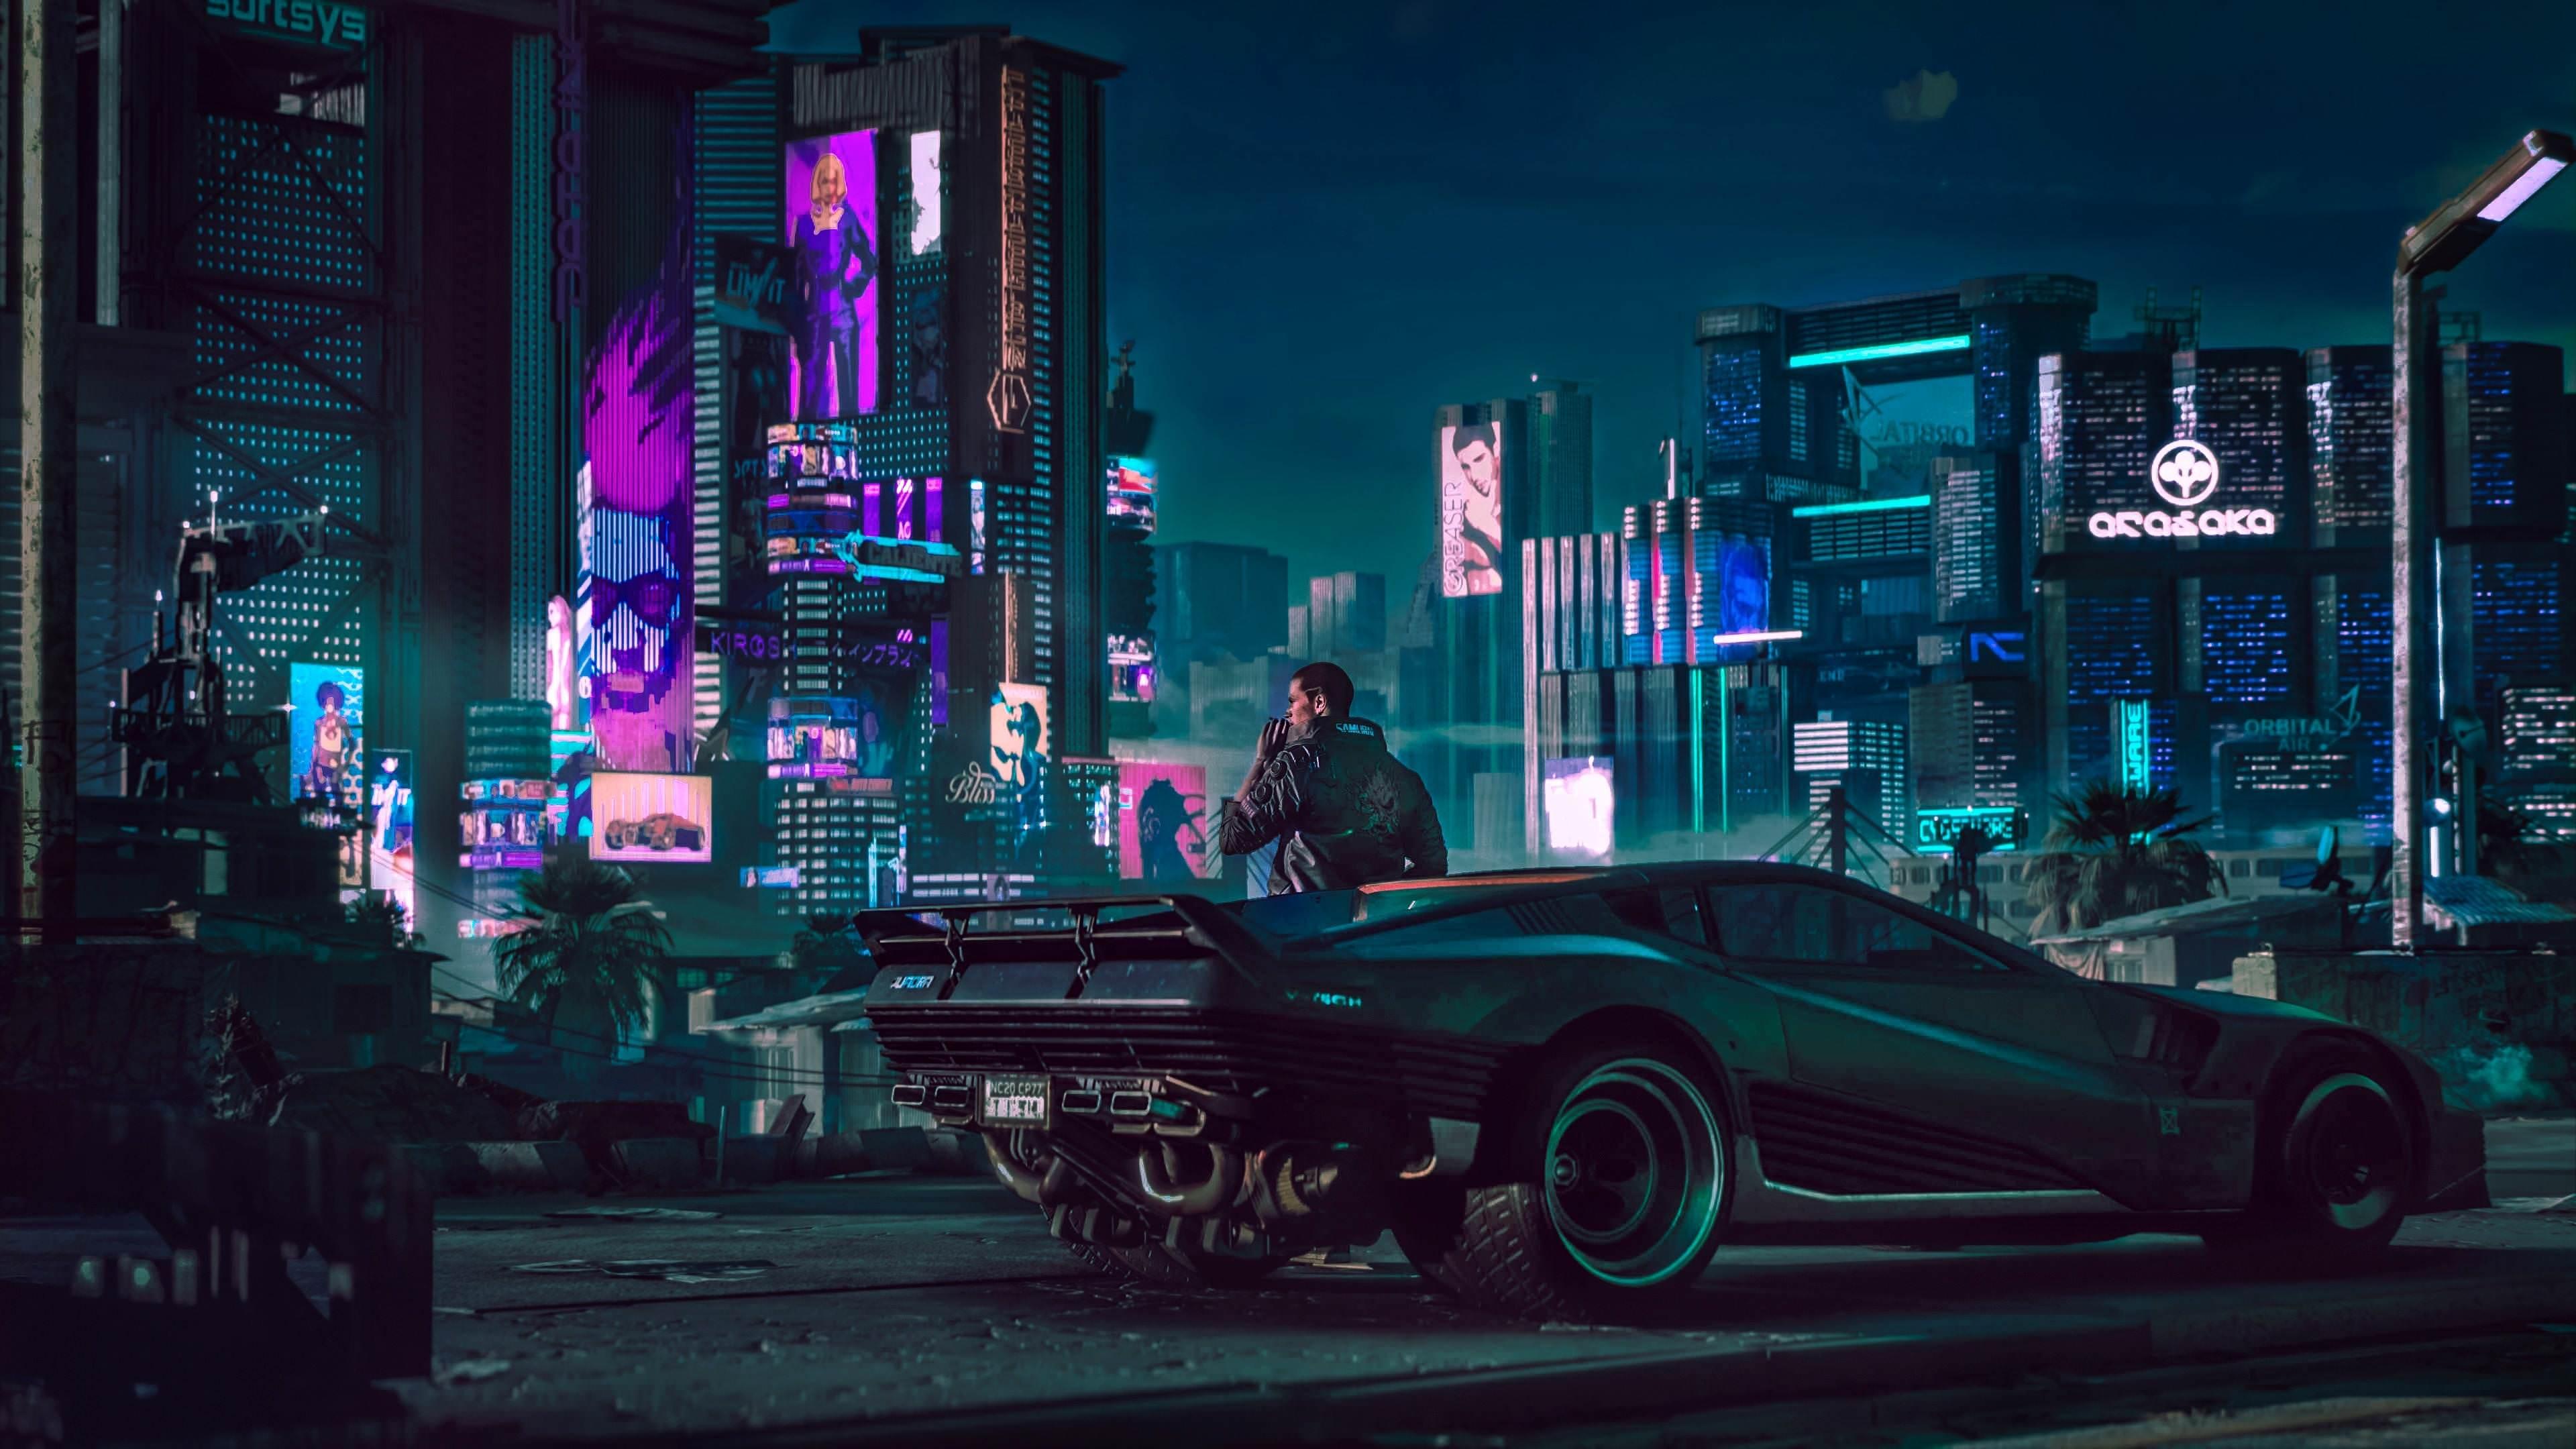 Cyberpunk 2077 HD Wallpapers - Wallpaper Cave